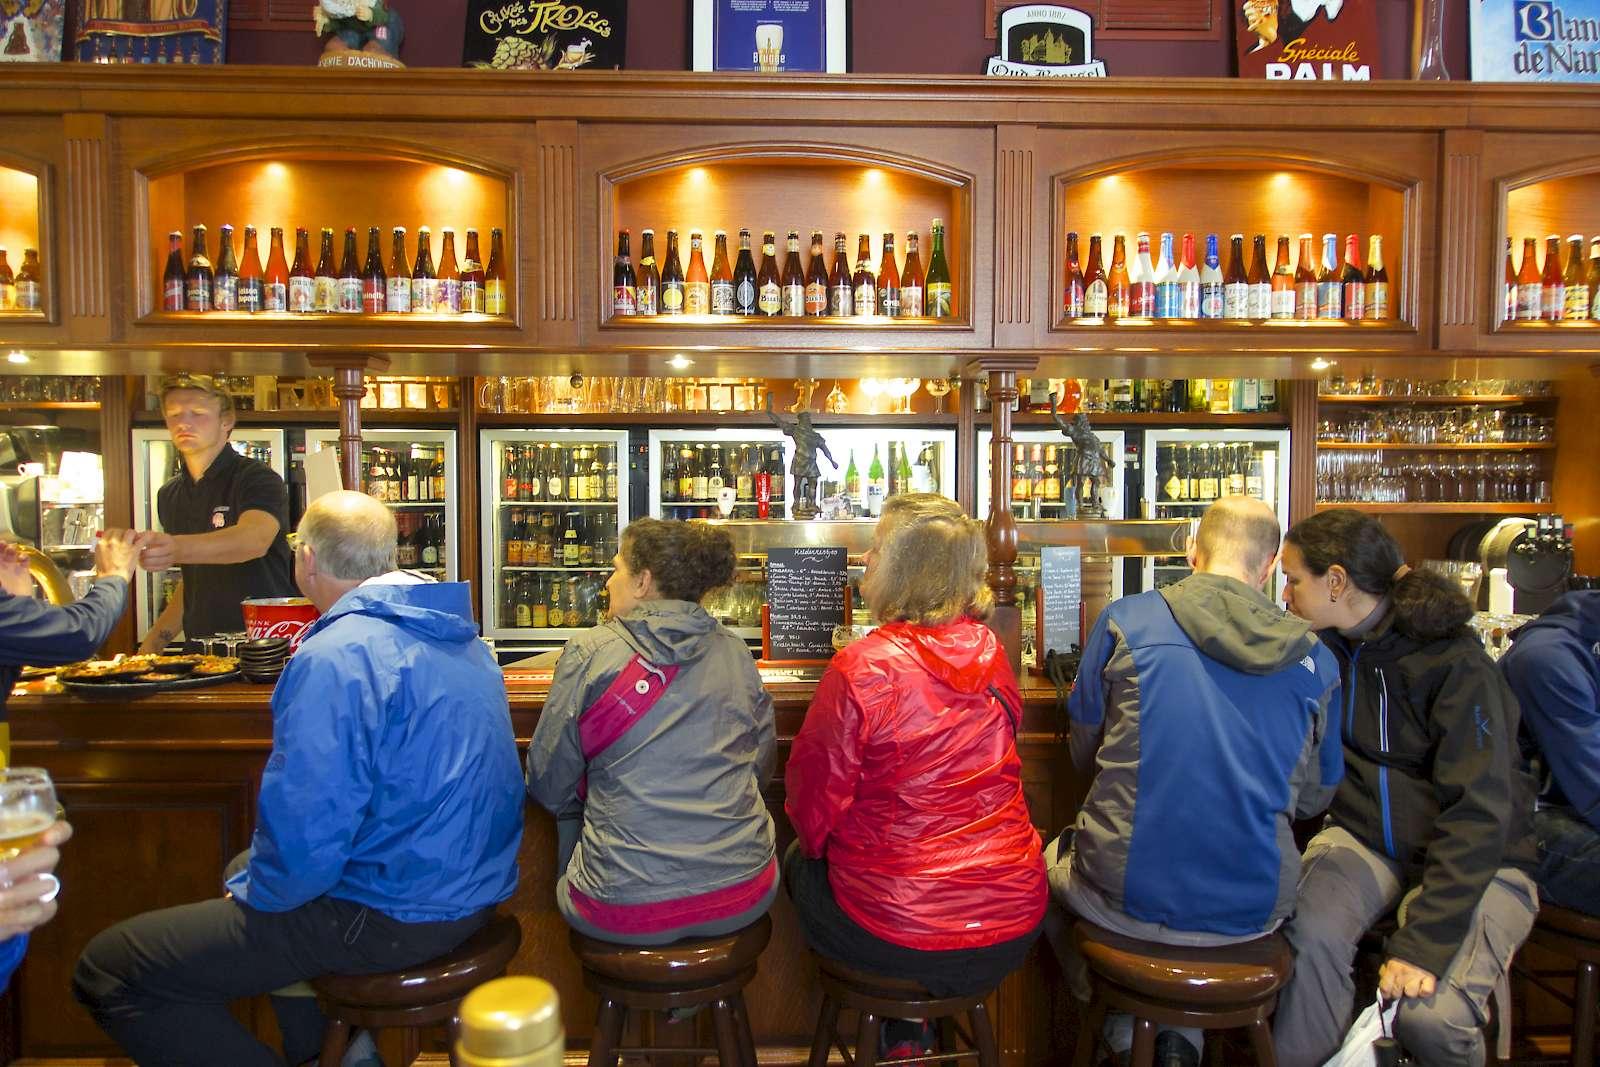 Sampling Belgian beers